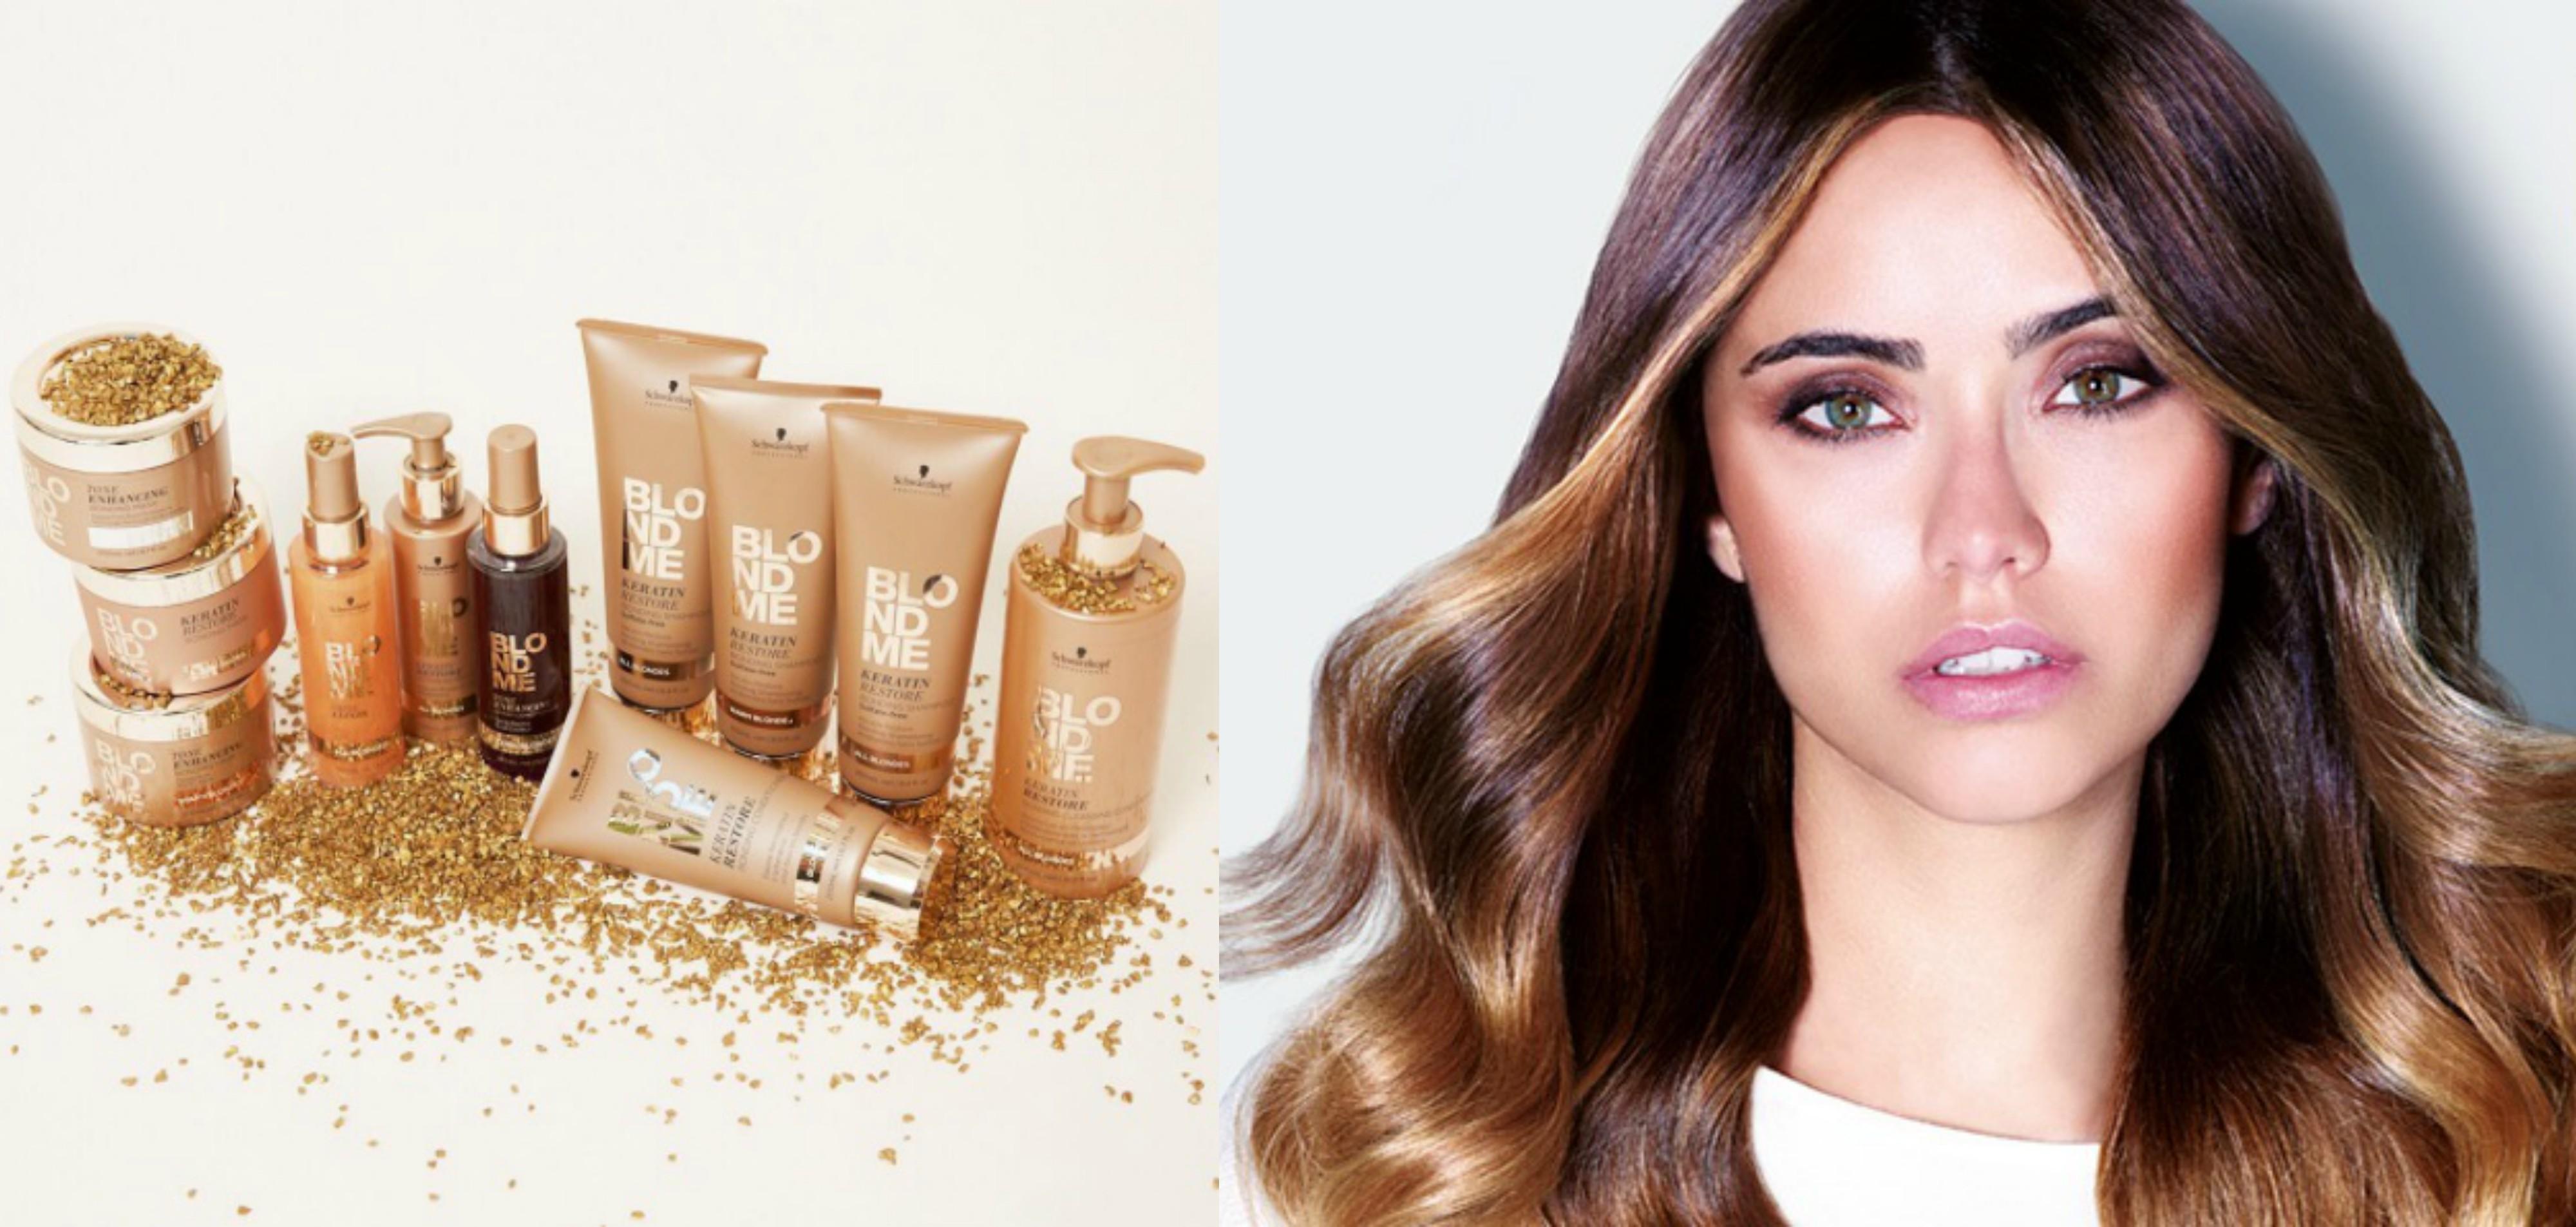 A szőke nem csak egy hajszín, hanem életérzés is! Szeretnéd sokáig élvezni a magabiztosságot és nőies kisugárzást, amit frizurád ad? Bemutatjuk a BlondMe otthoni használatra kifejlesztett termékeit, mellyel tökéletes lesz a szőke haj ápolása.